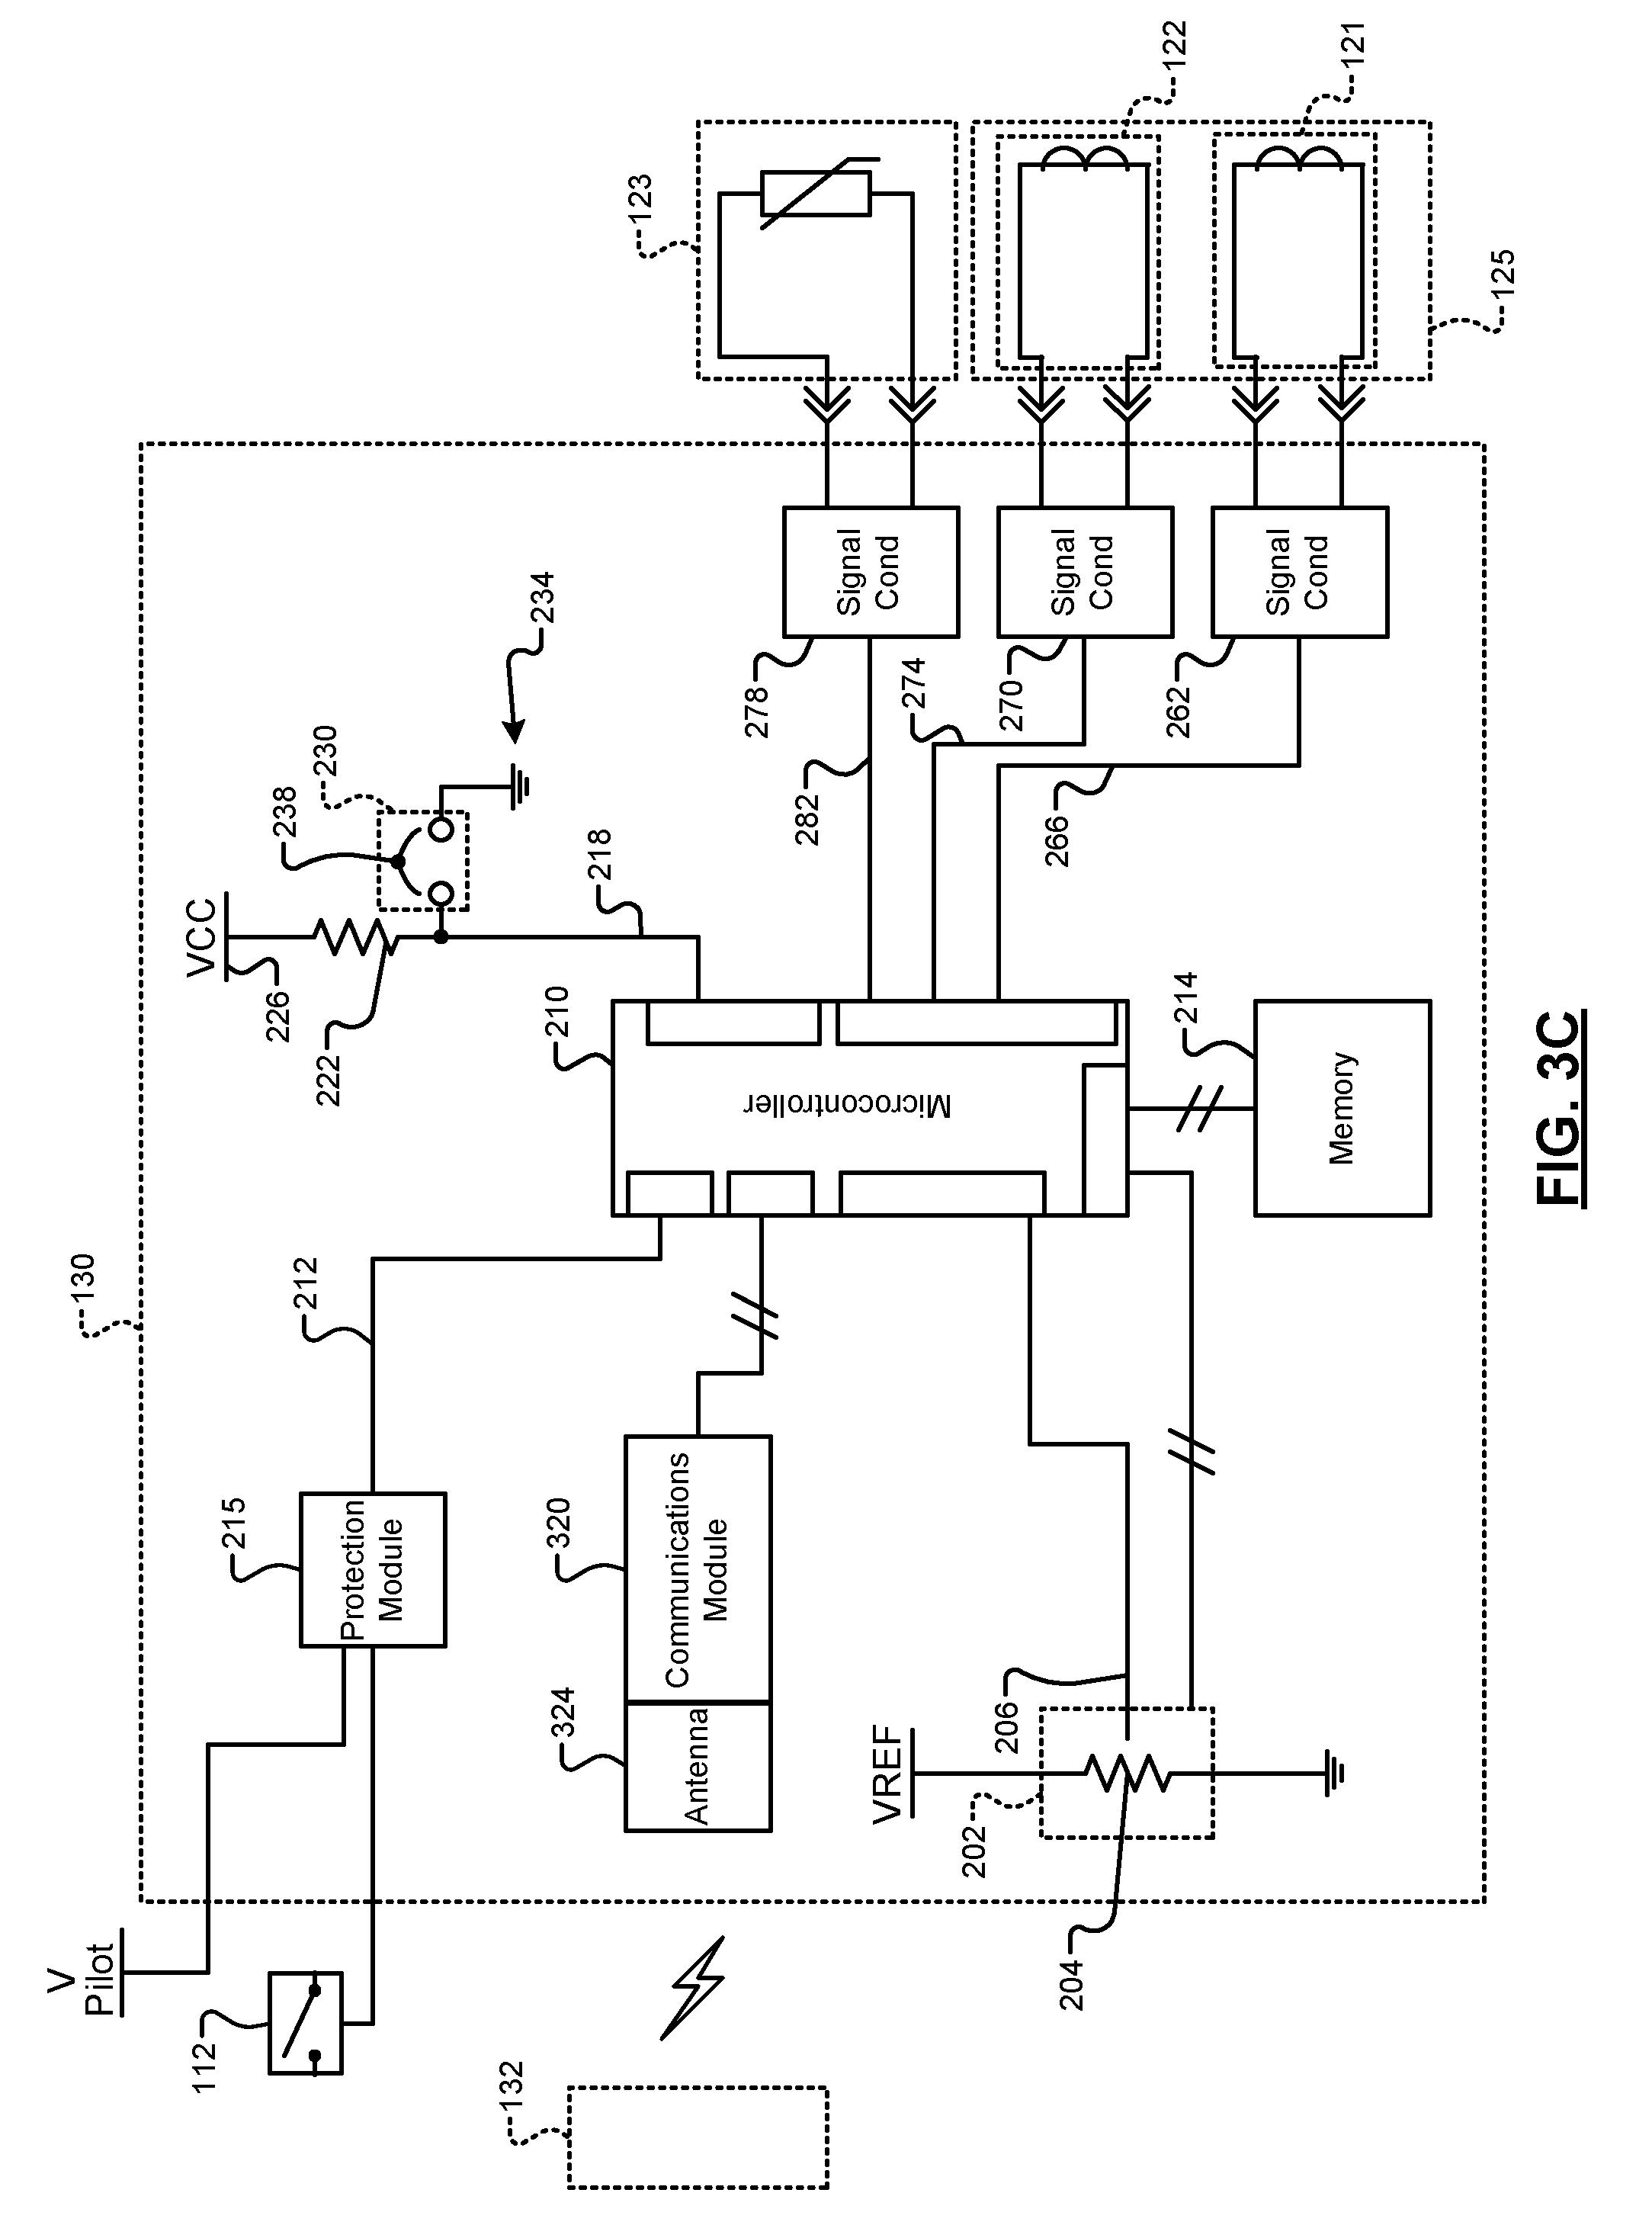 Patent Us 9876346 B2 Rite Boiler Wiring Diagram 0 Petitions